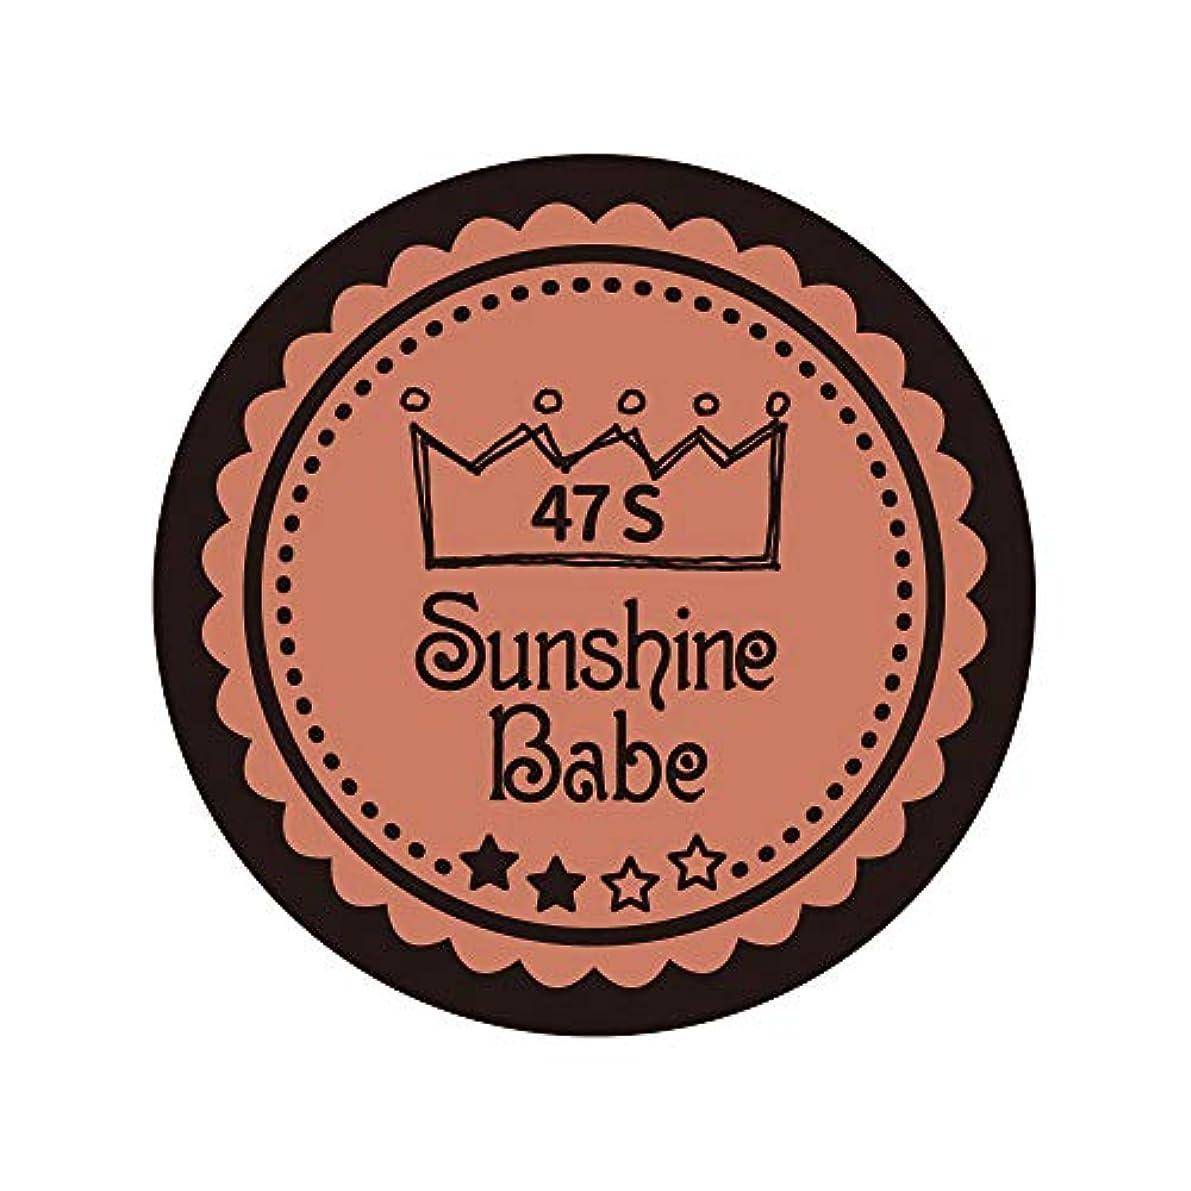 合唱団忙しいジョージハンブリーSunshine Babe カラージェル 47S ピーチブラウン 2.7g UV/LED対応